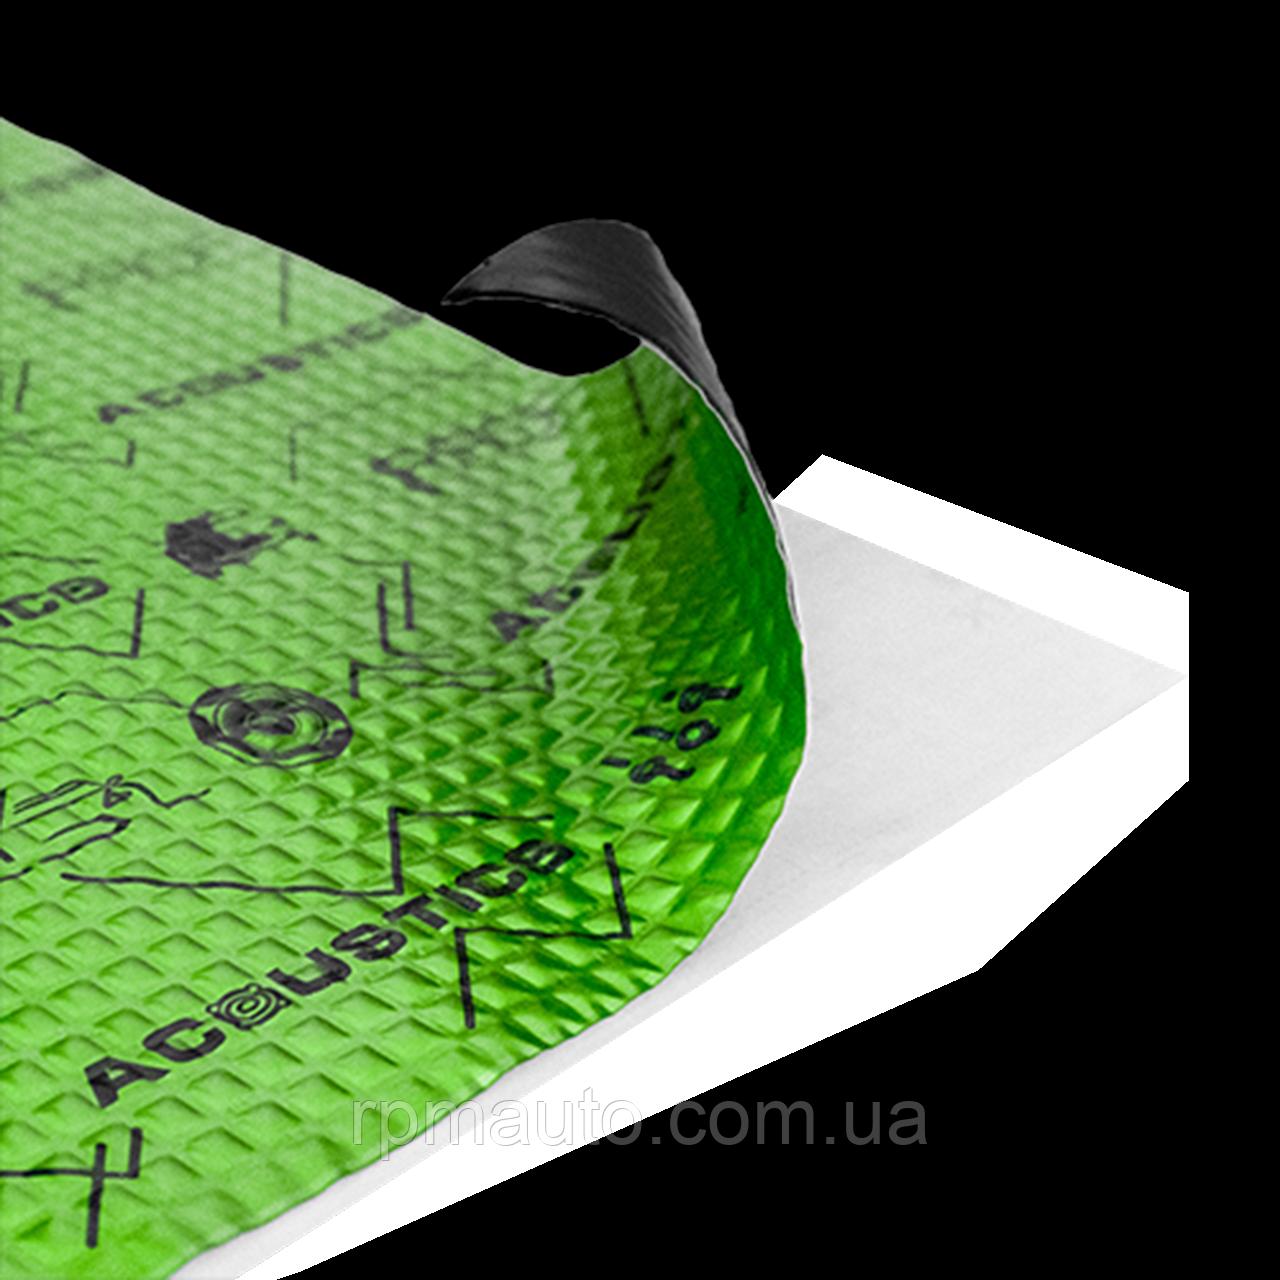 Шумоізоляція Авто ACOUSTICS PROFY A2 50x37 см Обесшумка Віброізоляція Шумка Шумоізоляція Виброшумоизоляция